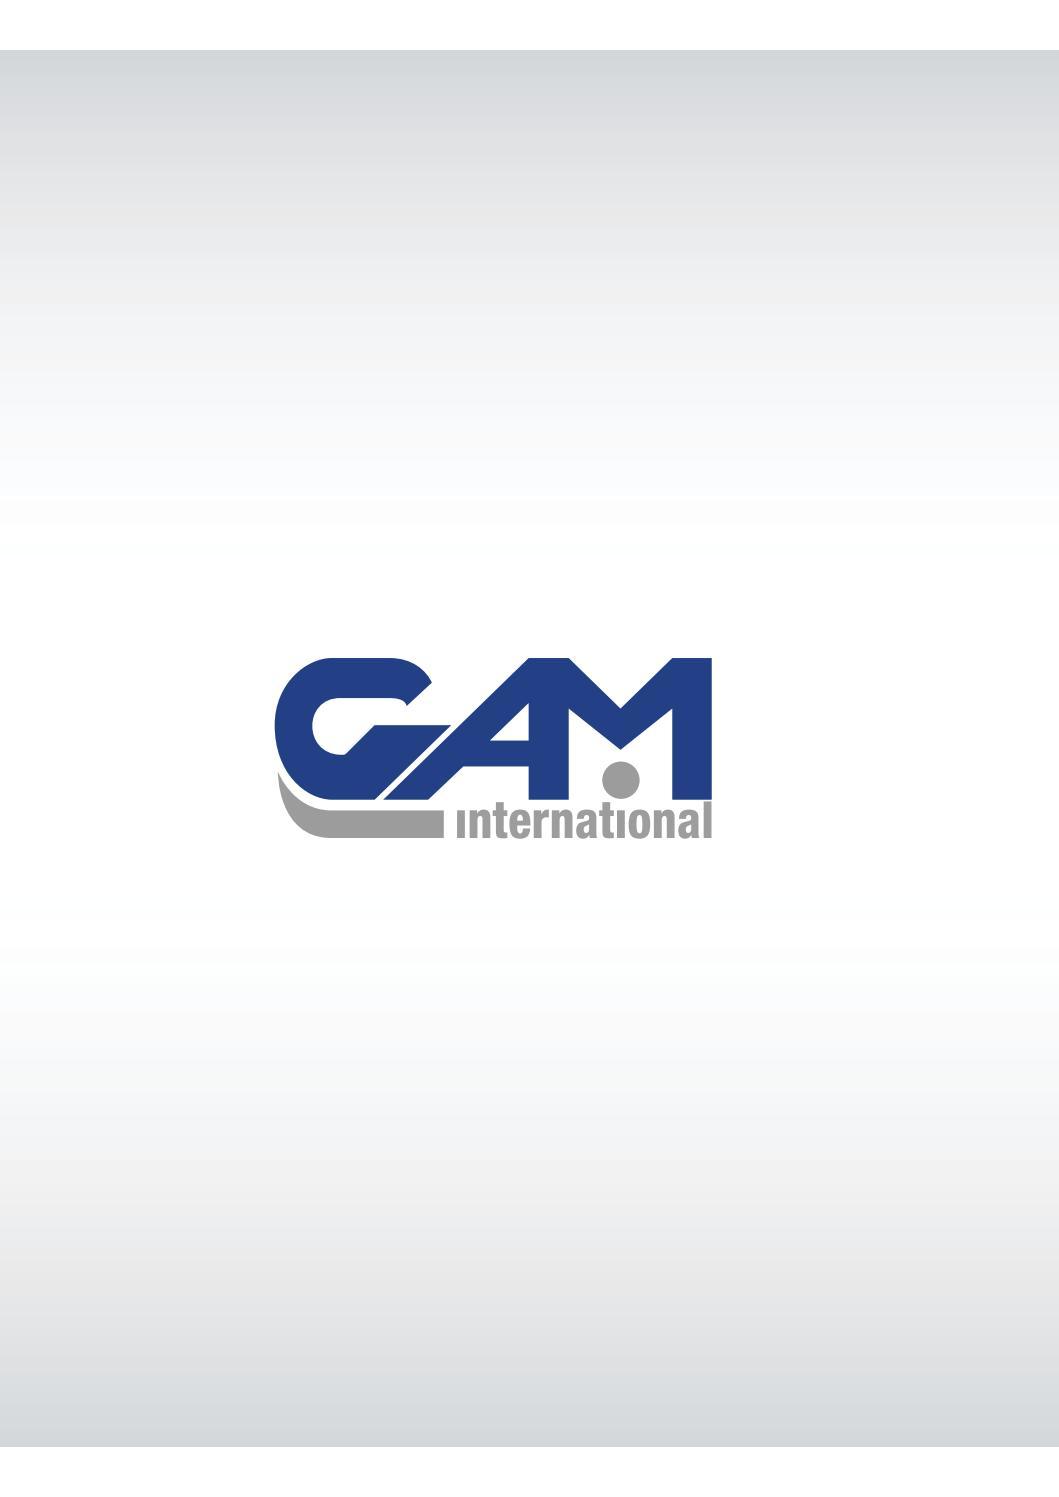 retour offres particularites marque gam international